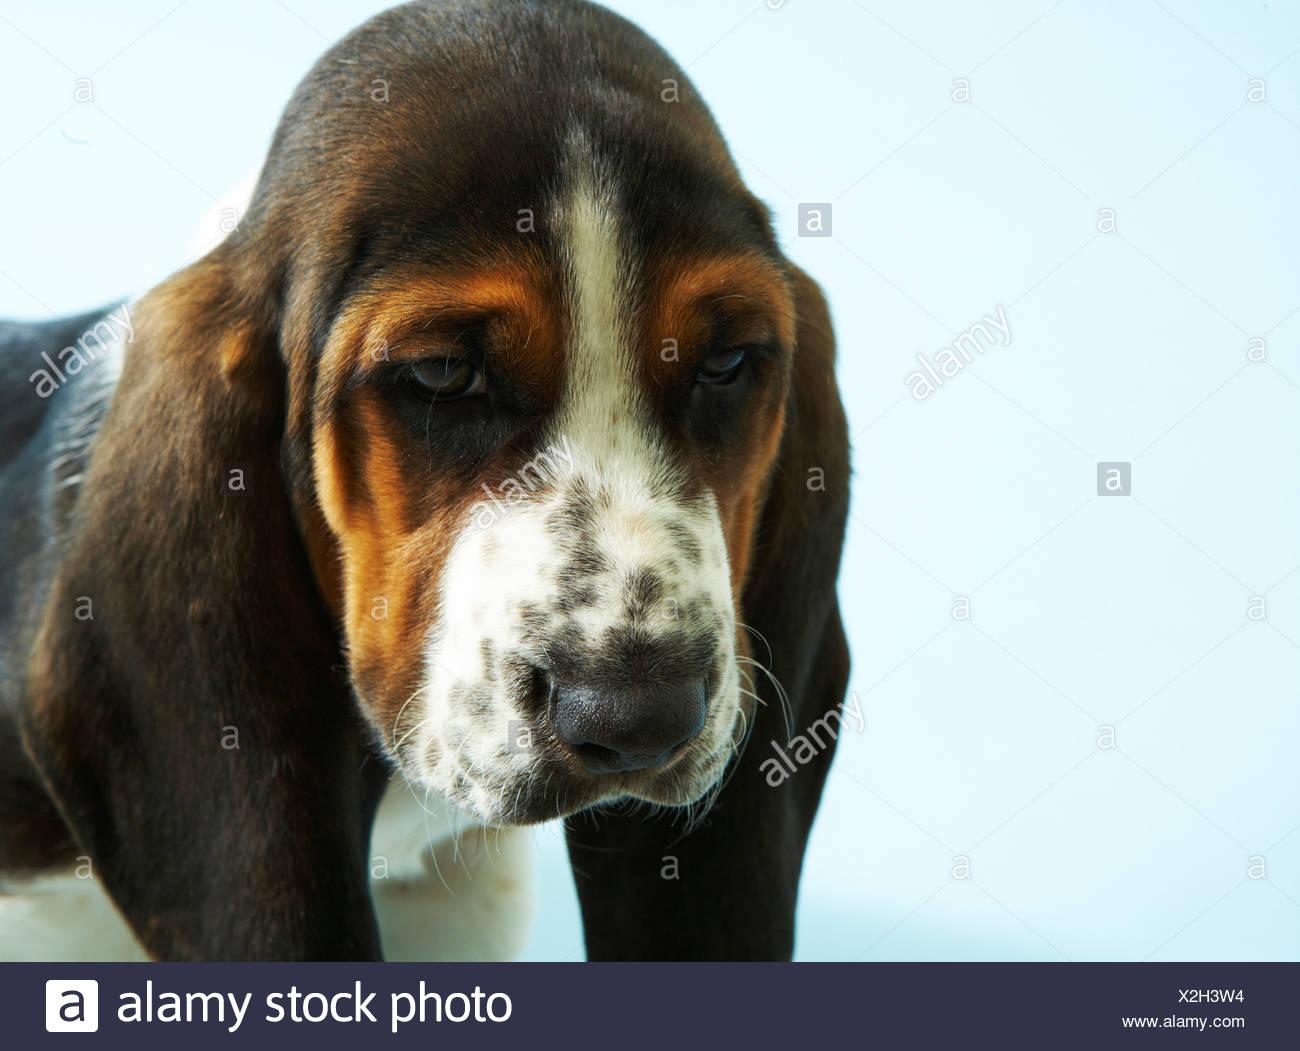 Close-up of basset hound face, studio shot - Stock Image